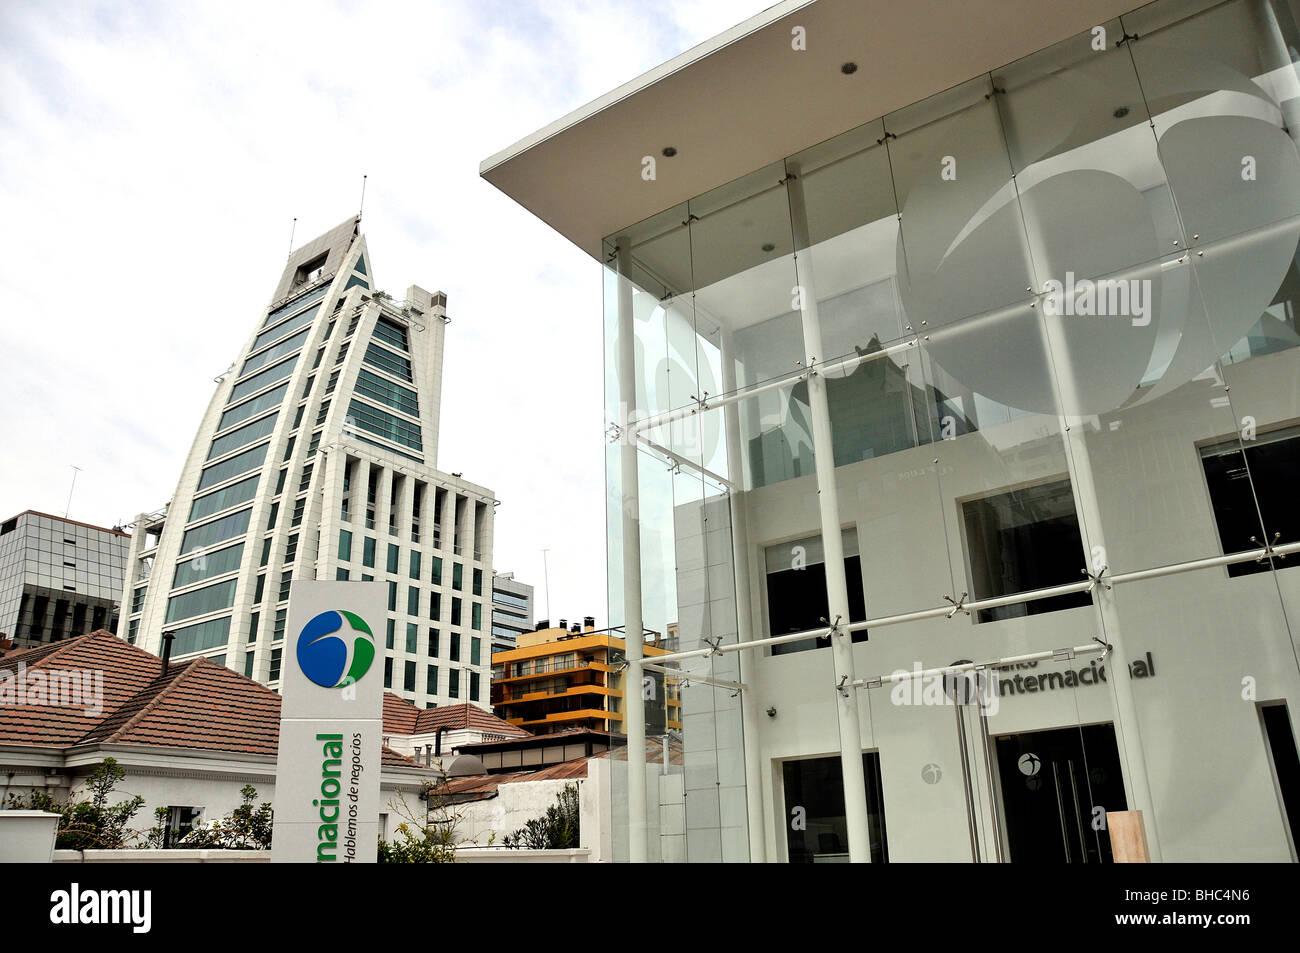 Modern buildings and bank banco internacional santiago for Banco internacional